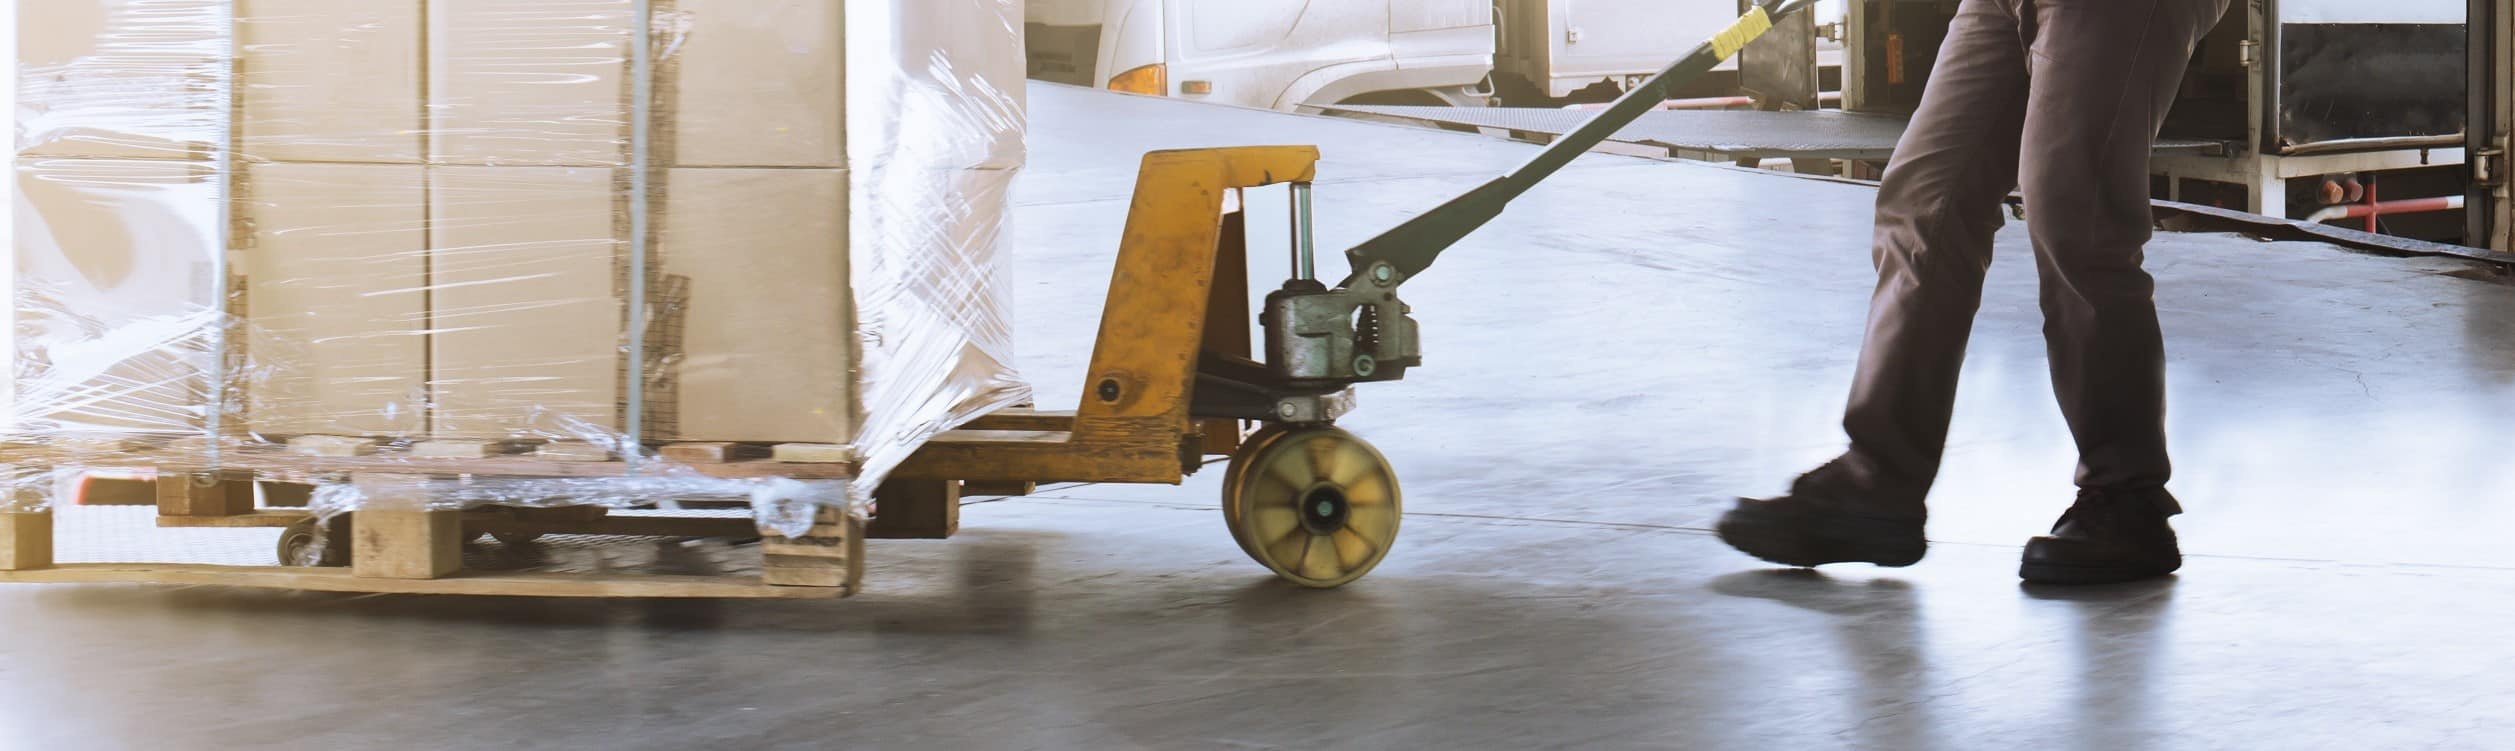 Lagerarbeiter verlädt eine Palette mit Ware für einen Palettentransport